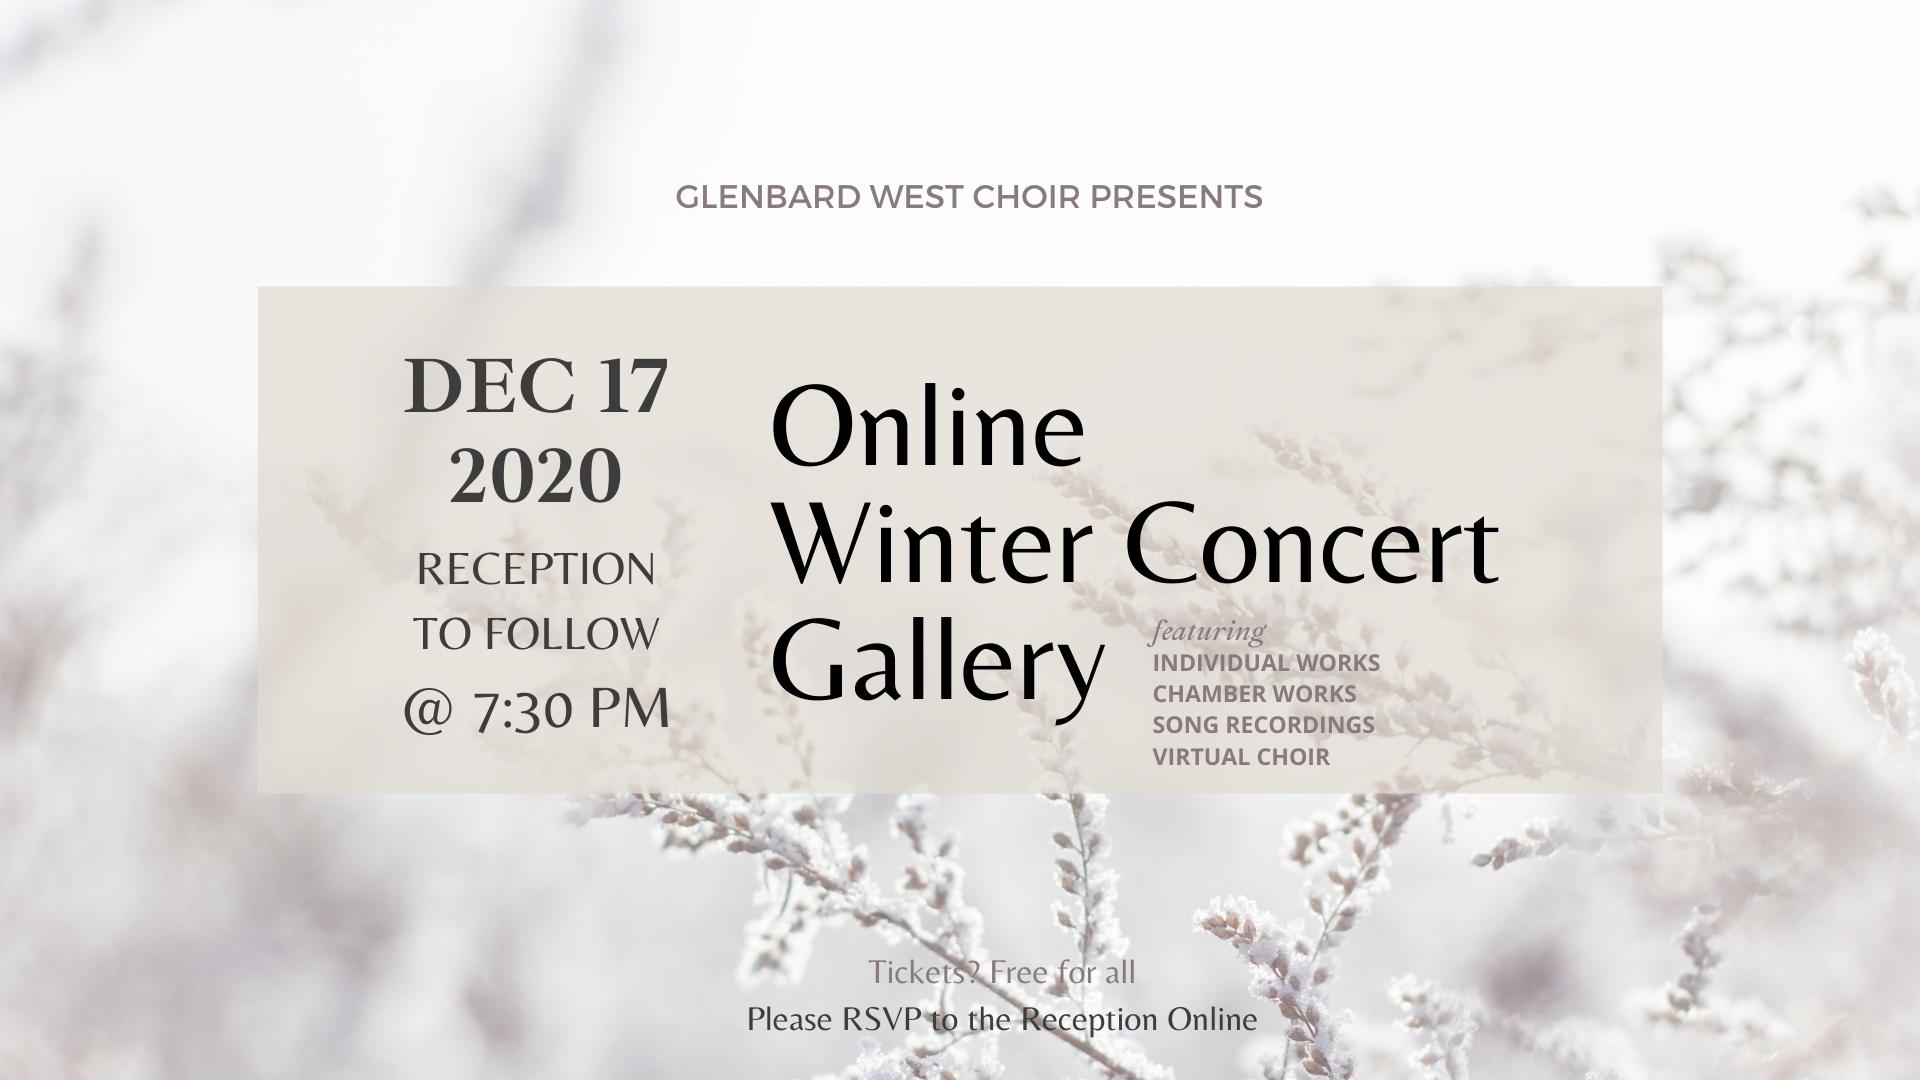 online winter concert gallery